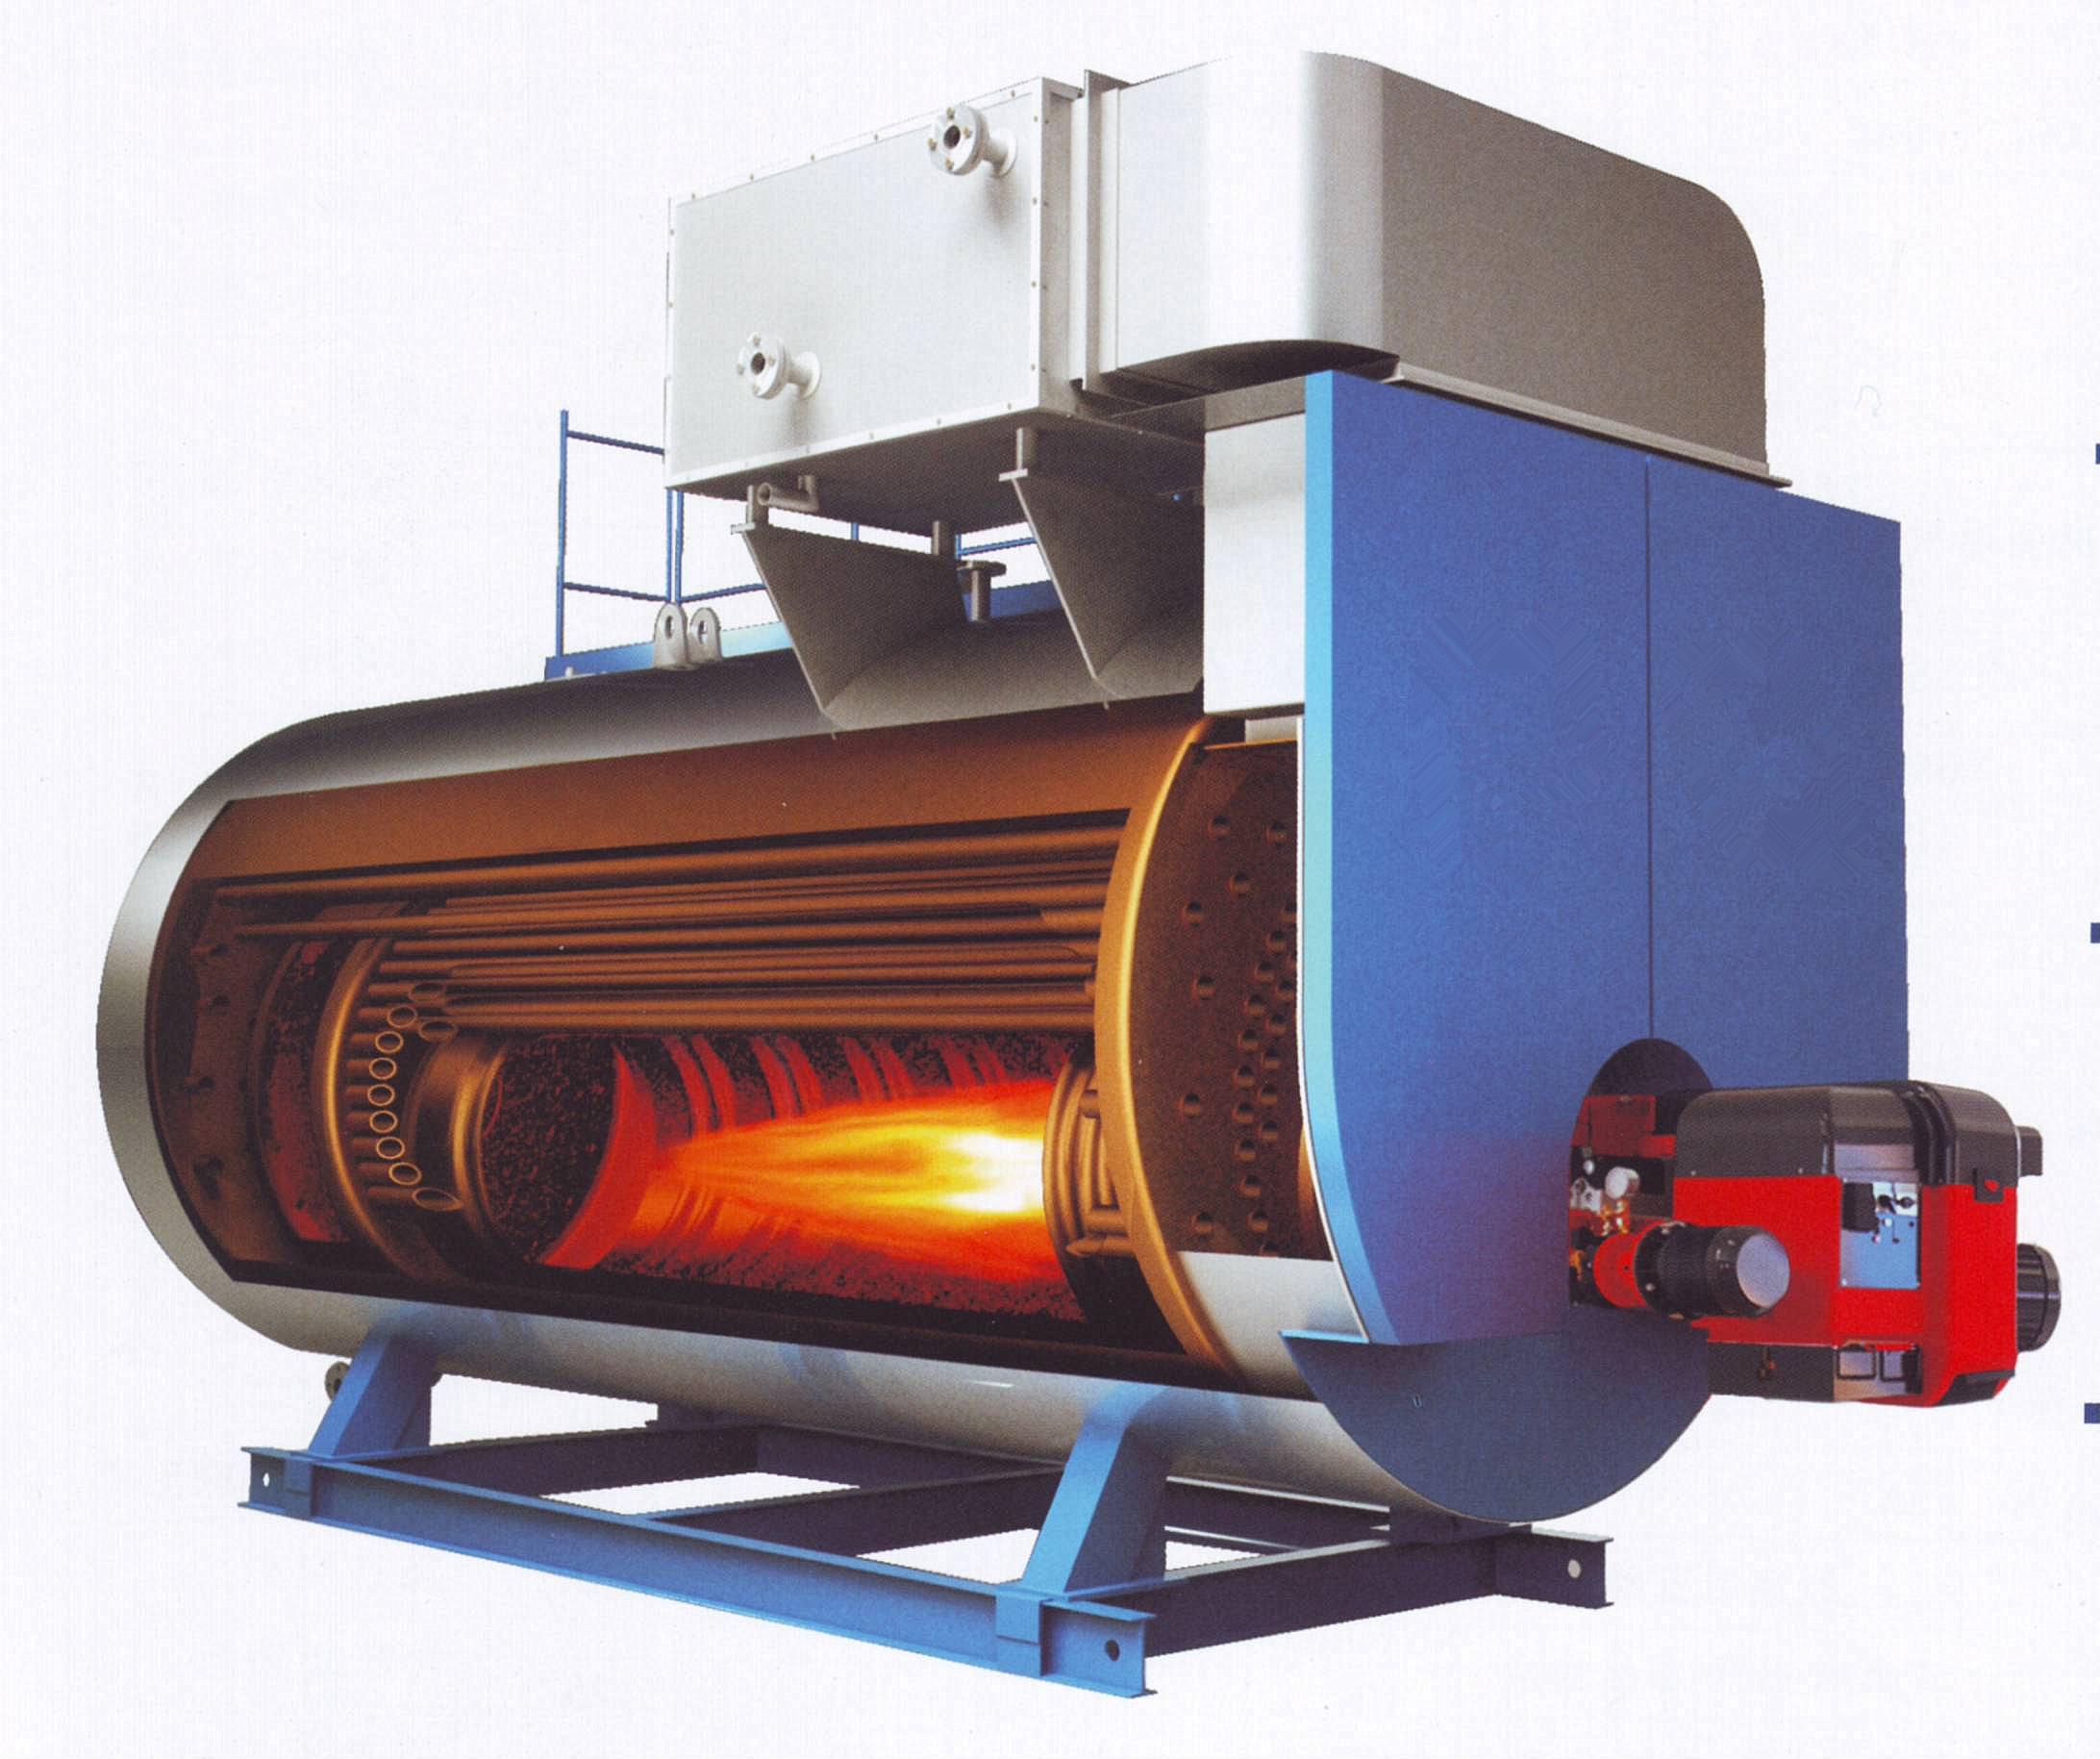 冷凝式常压热水锅炉1_副本.jpg